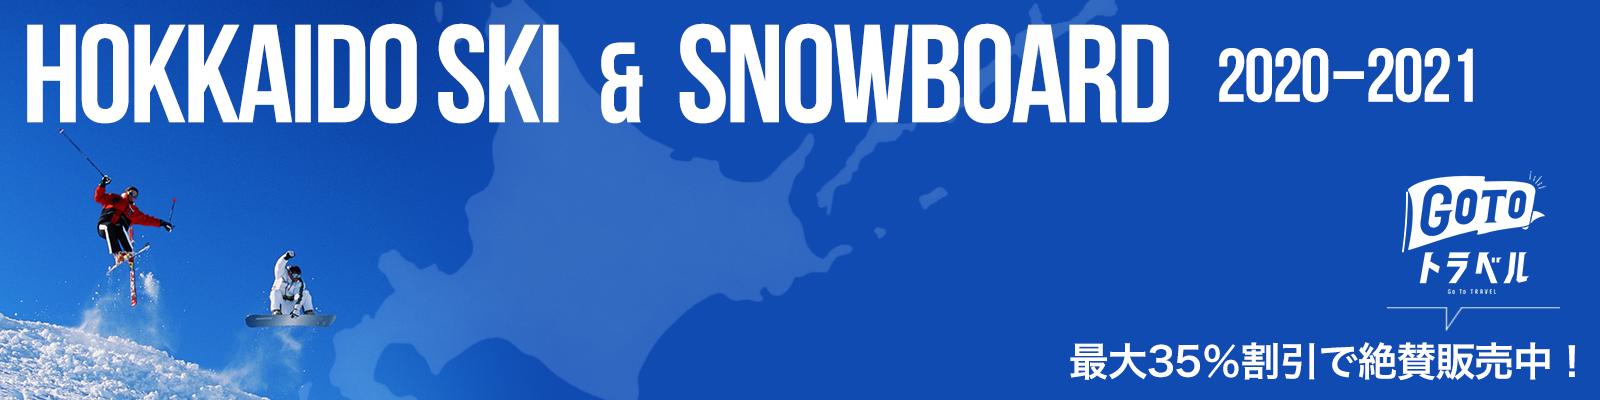 北海道スキー特集2020-21